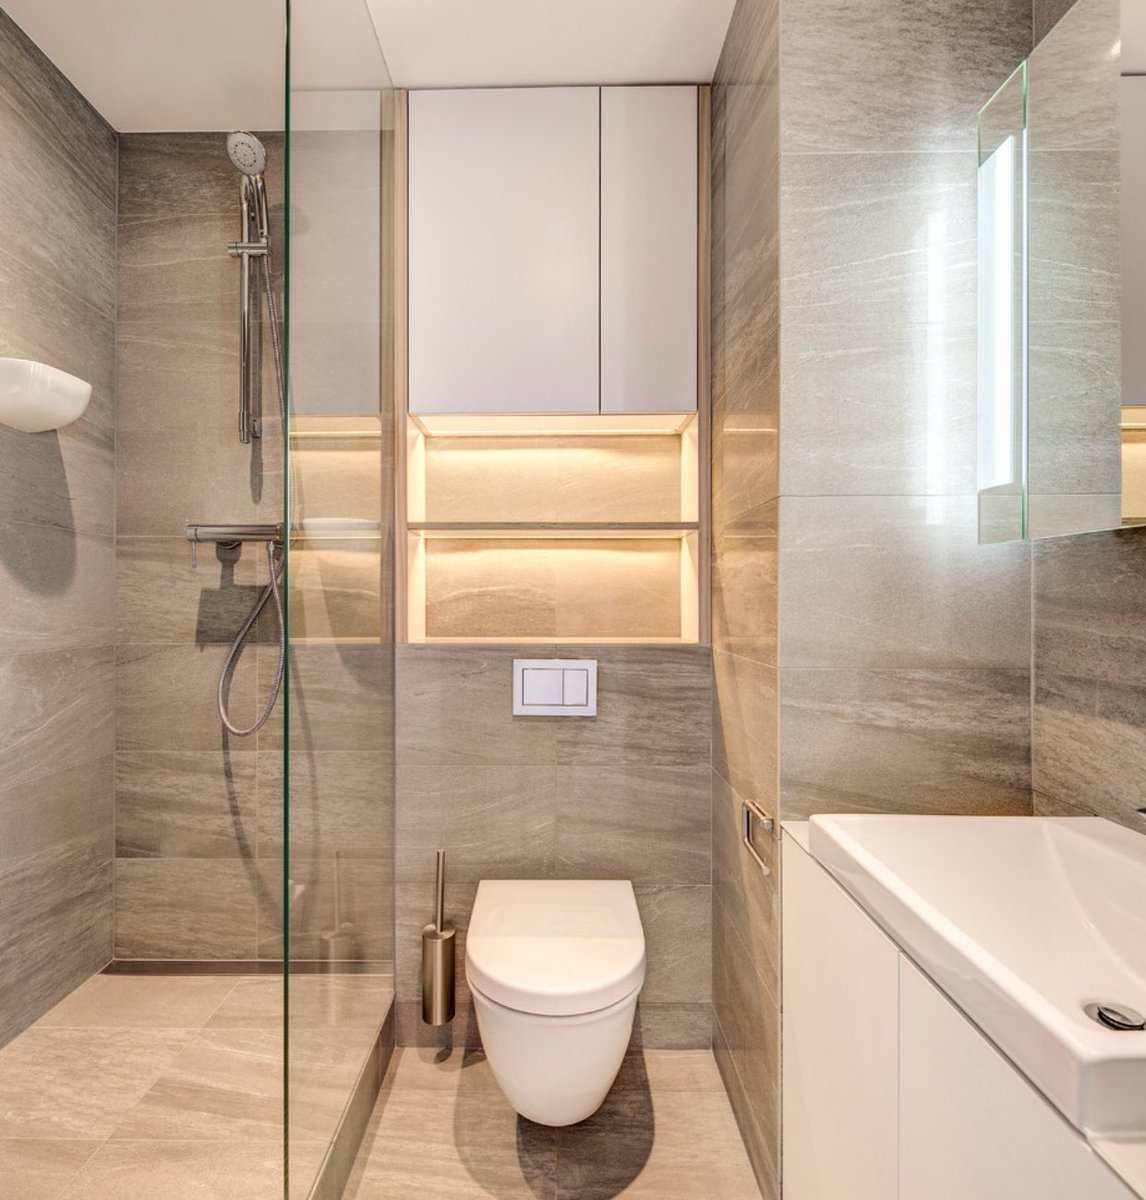 بالصور حمامات صغيرة , صور ديكورات حمامات 5007 1